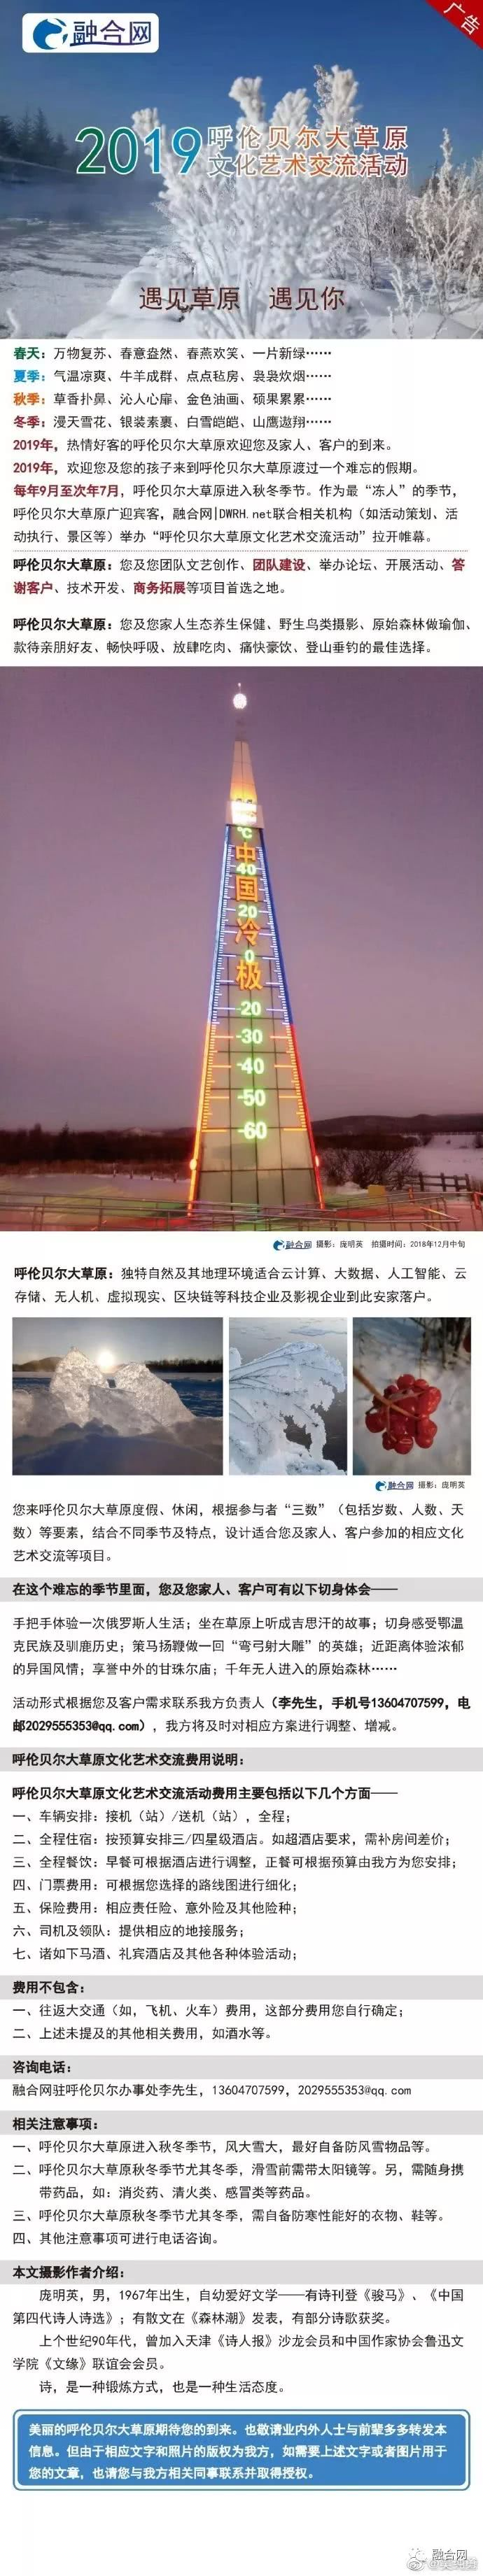 王斌:广东广电网络5G建设规划